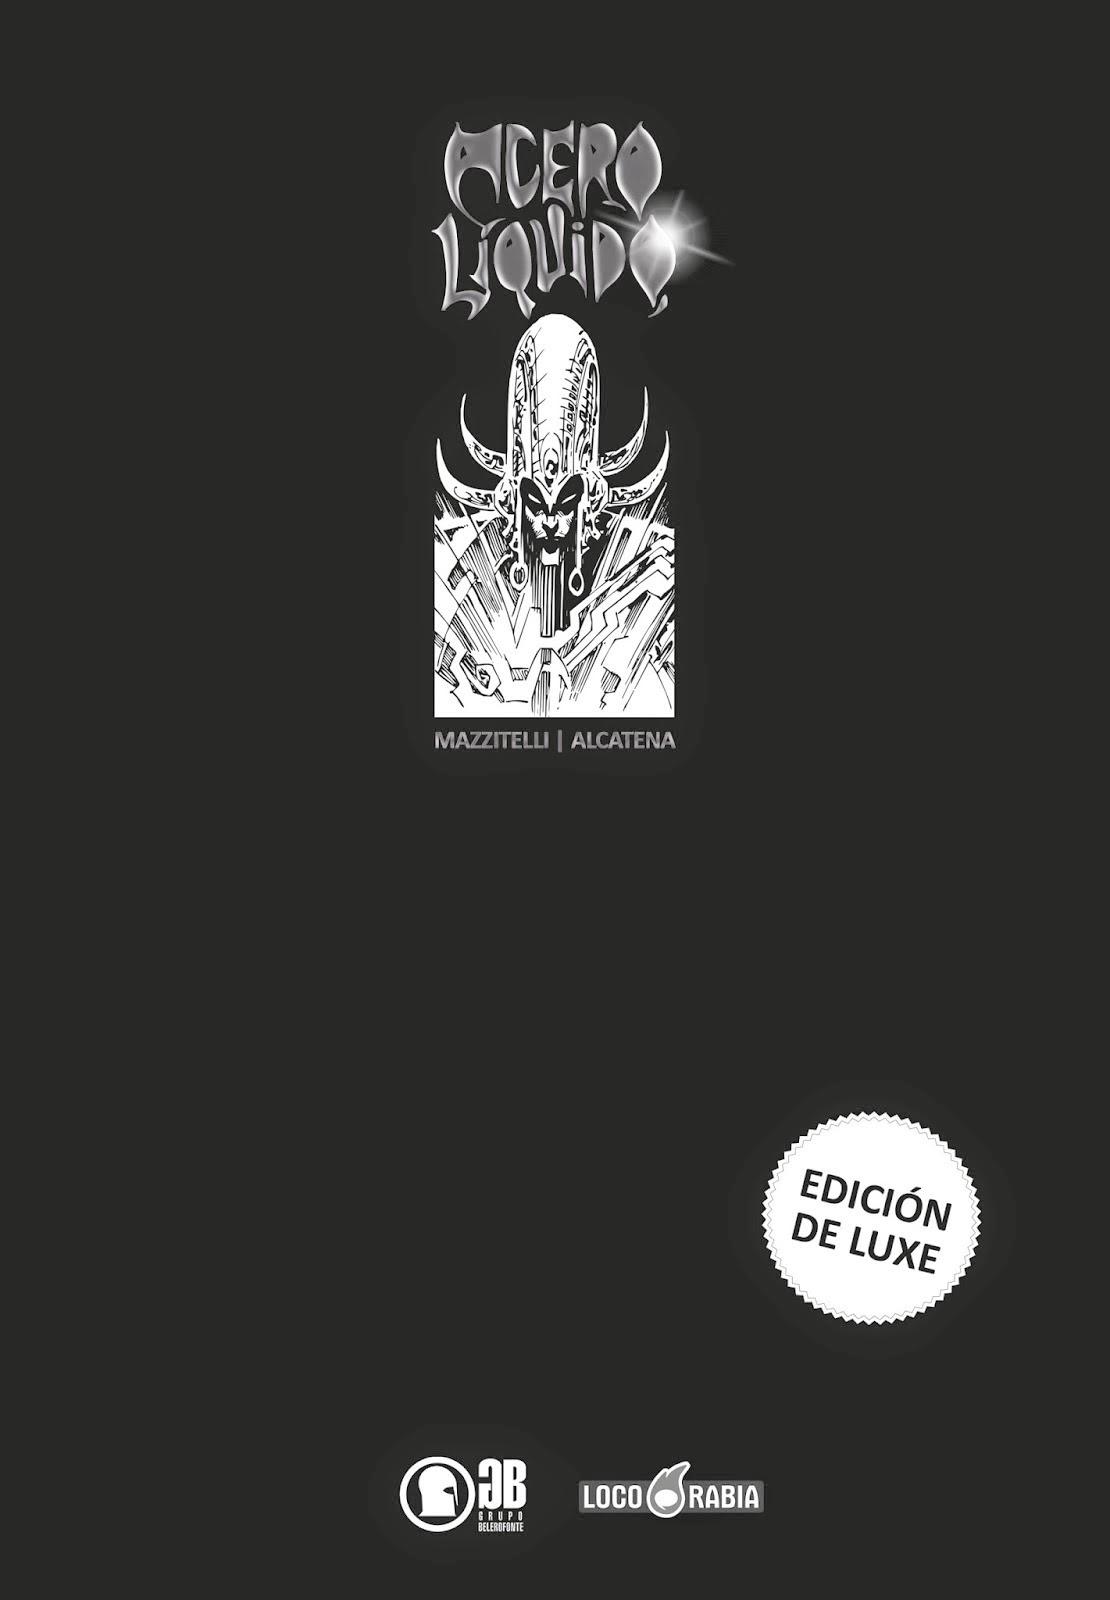 Acero Liquido (Deluxe)